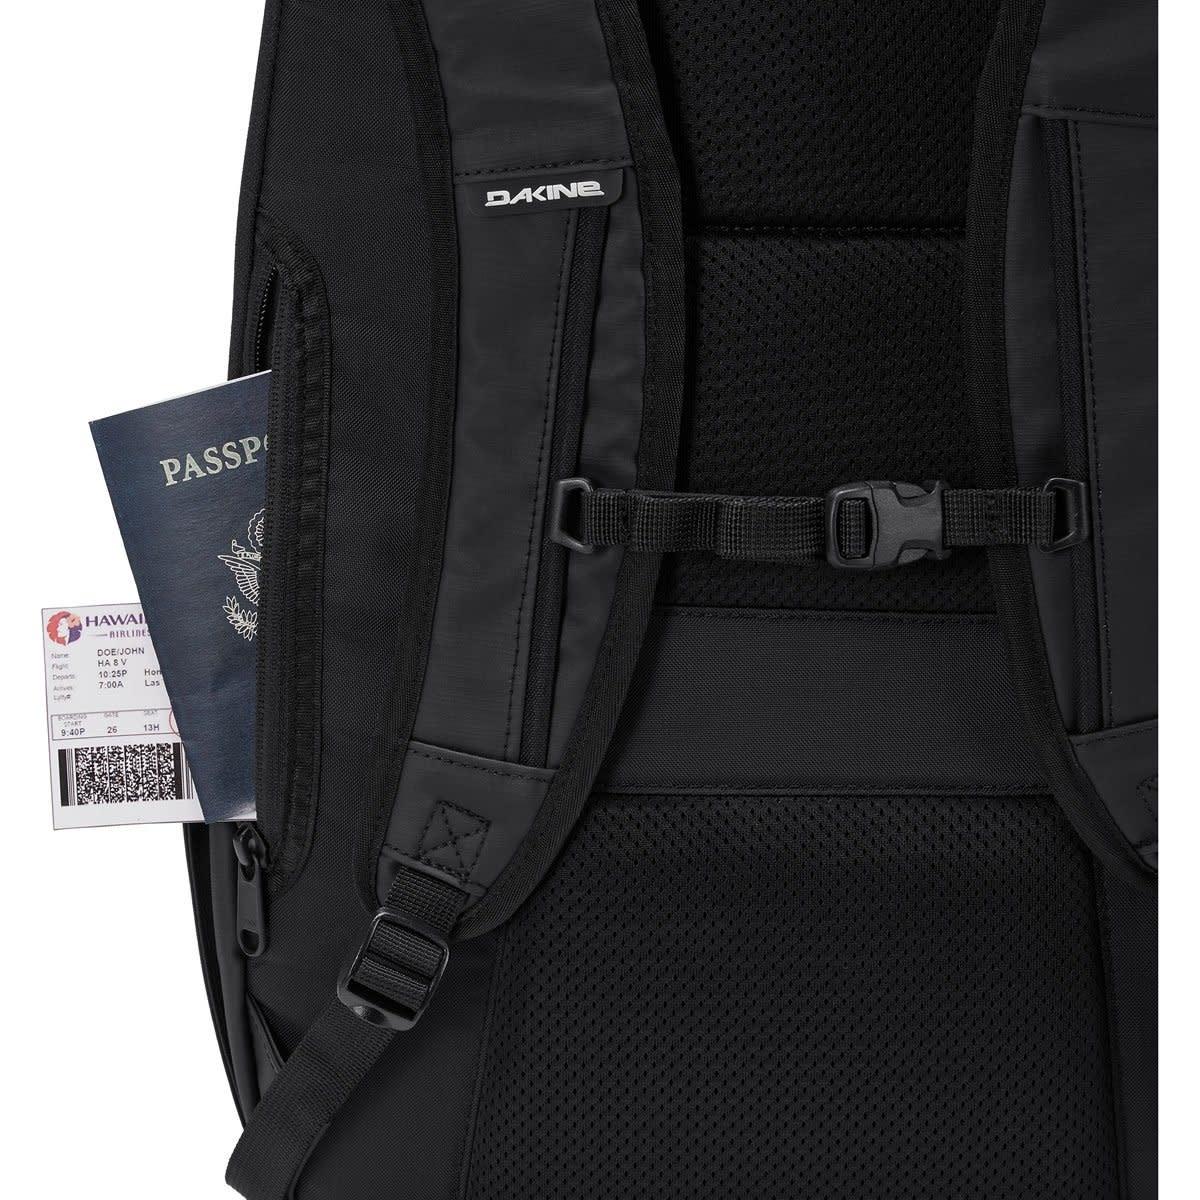 Dakine Dakine Campus Premium 28L Backpack